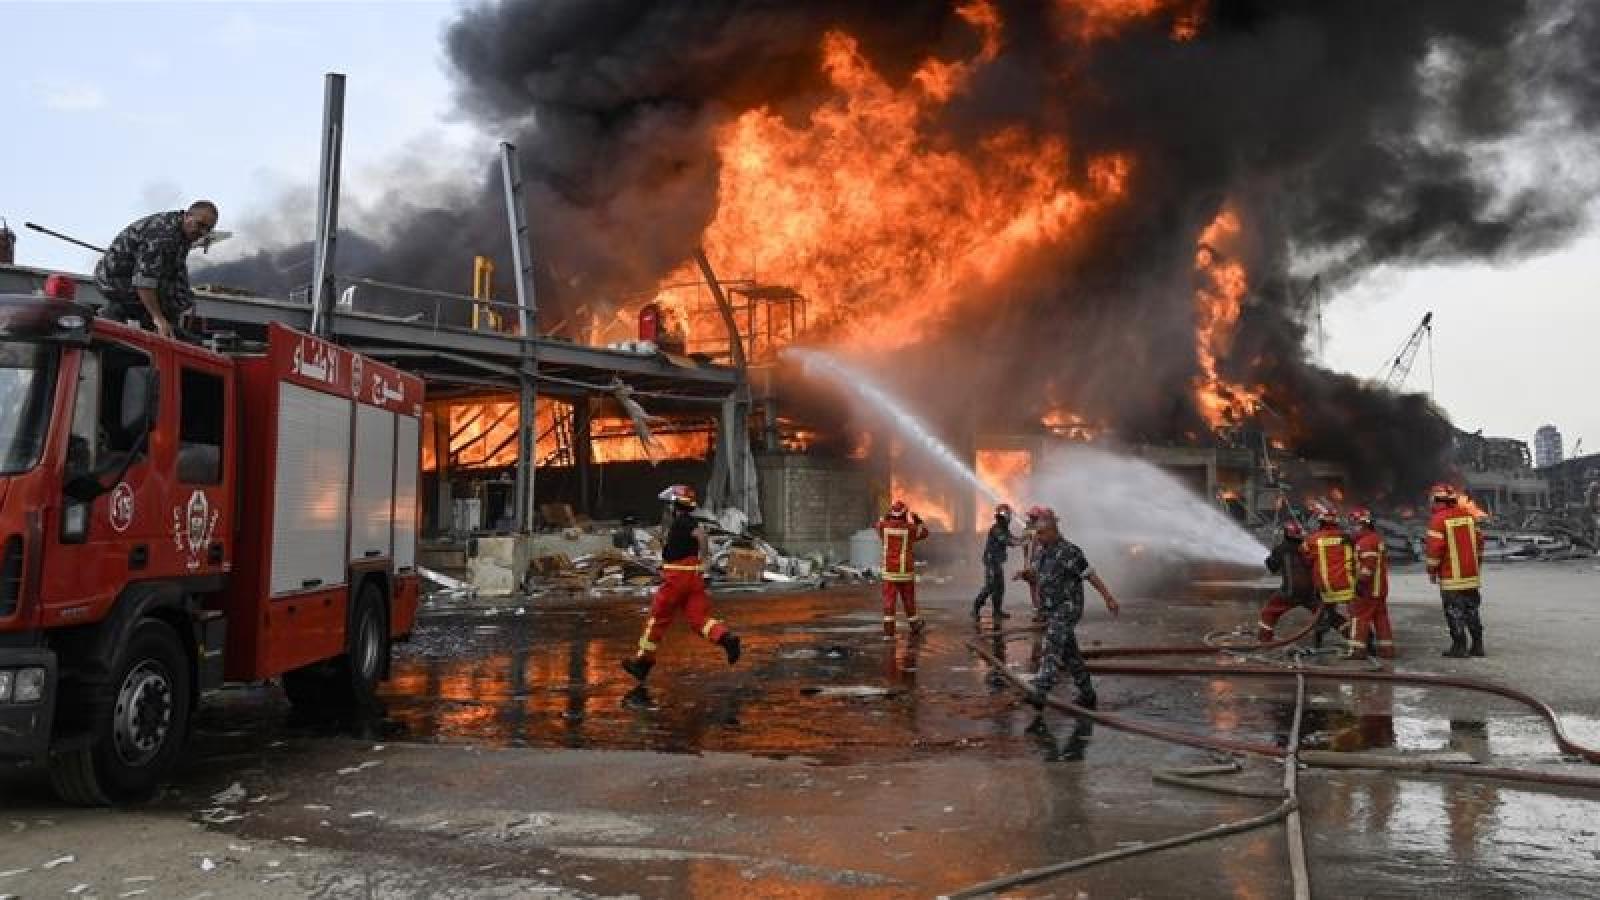 Lại thêm một vụ cháy lớn chưa rõ nguyên nhân xảy ra tại cảng Beirut (Lebanon)